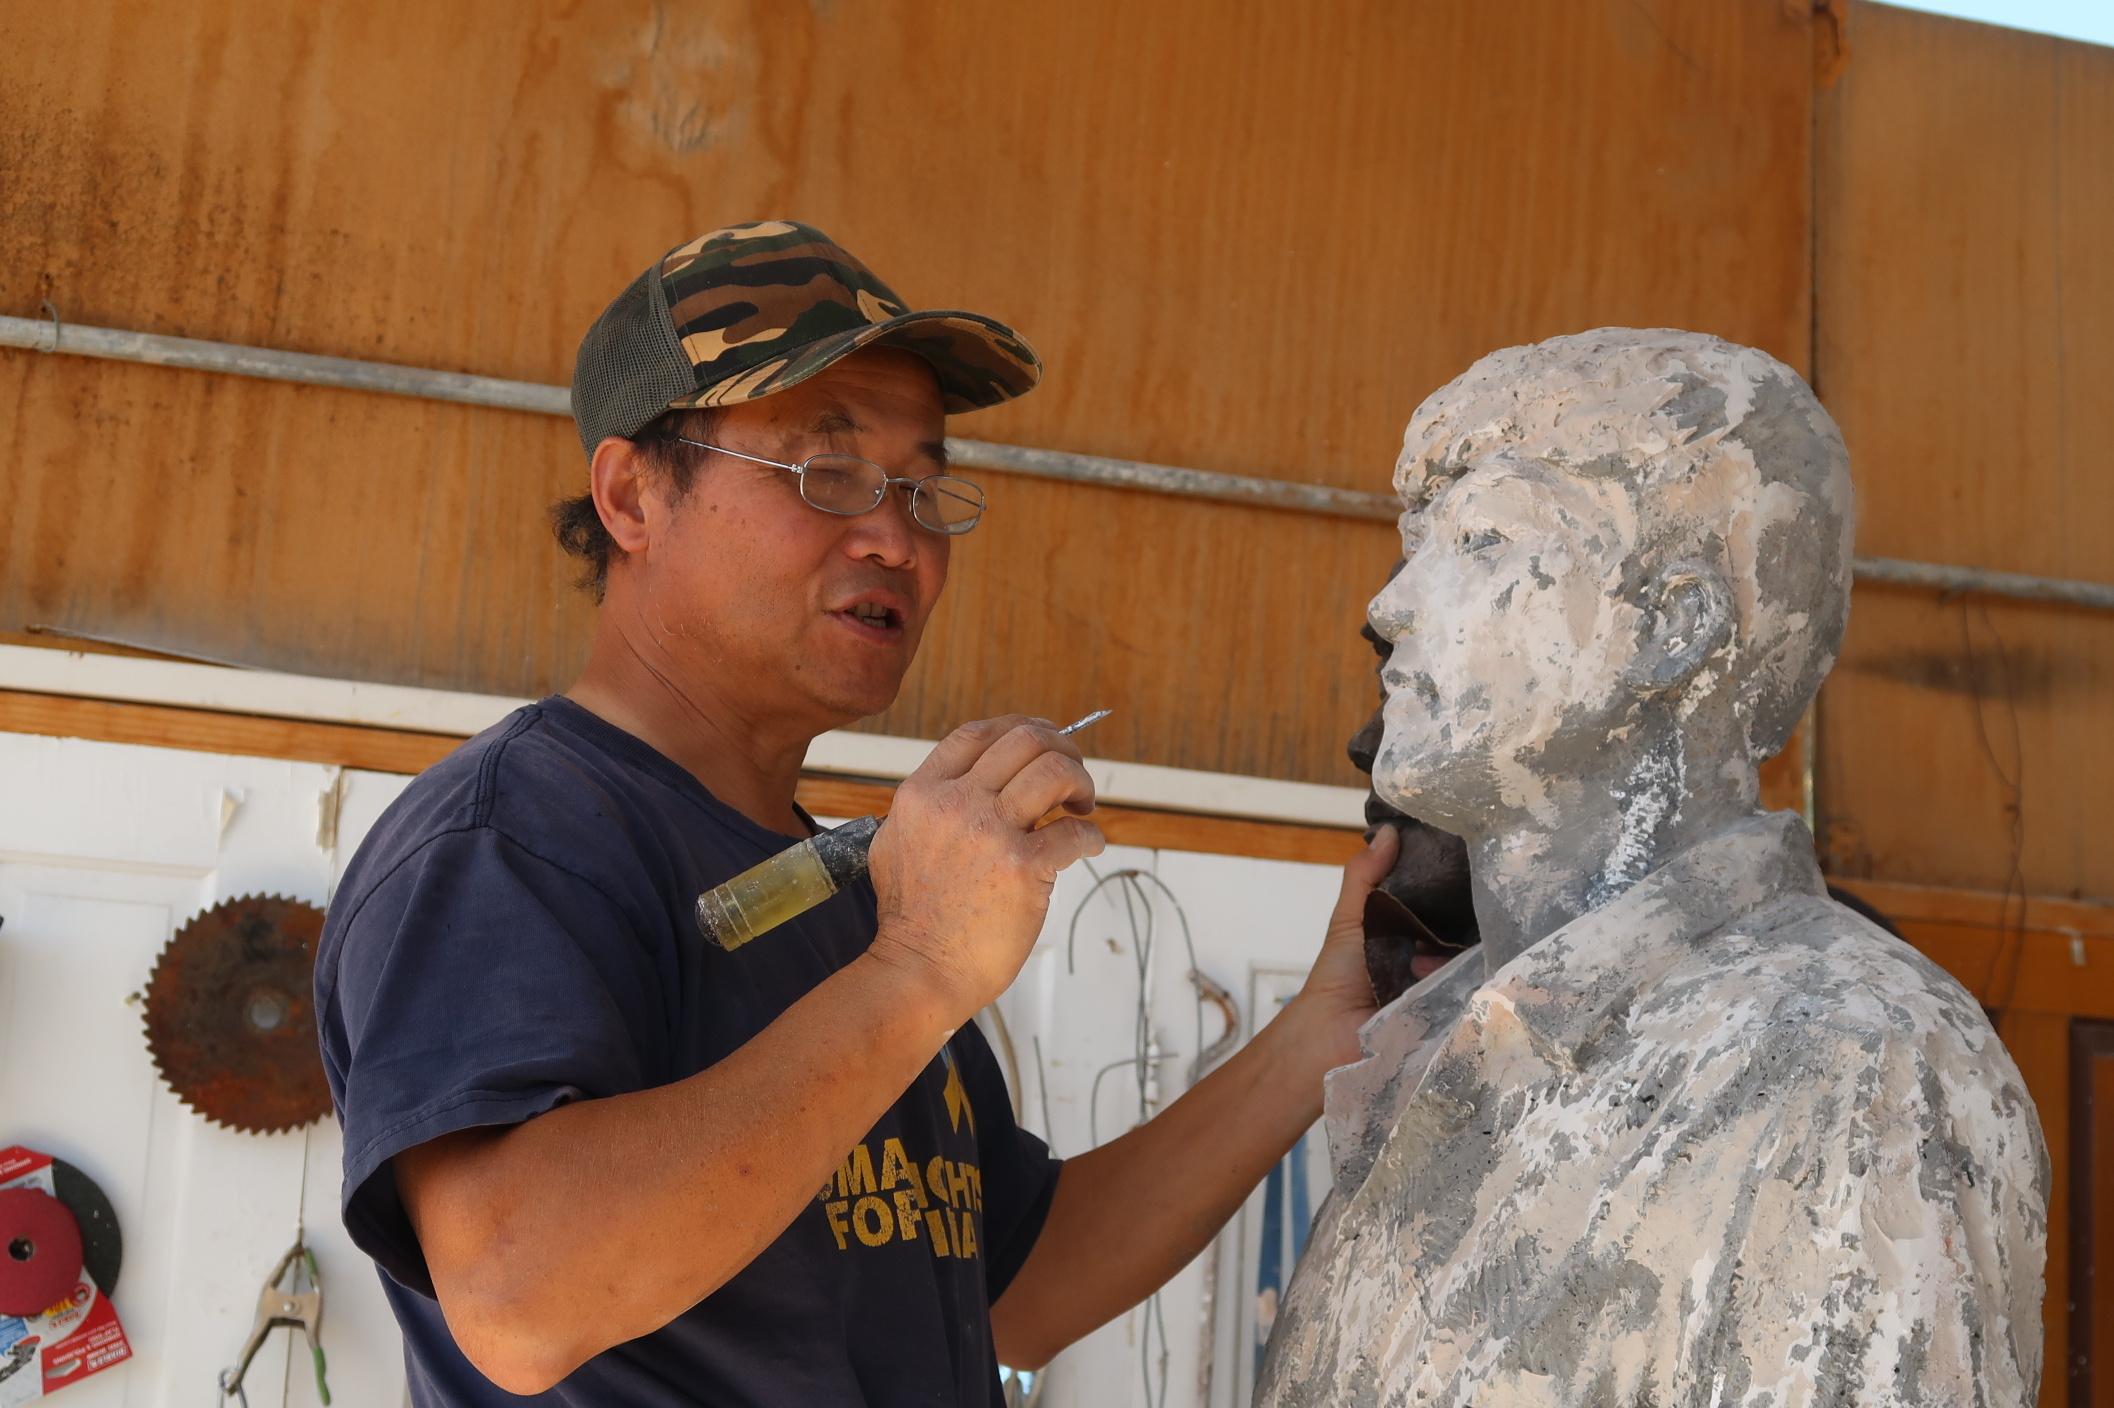 六四雕塑家陳維明為「坦克人」雕塑進行打磨。(徐繡惠/大紀元)